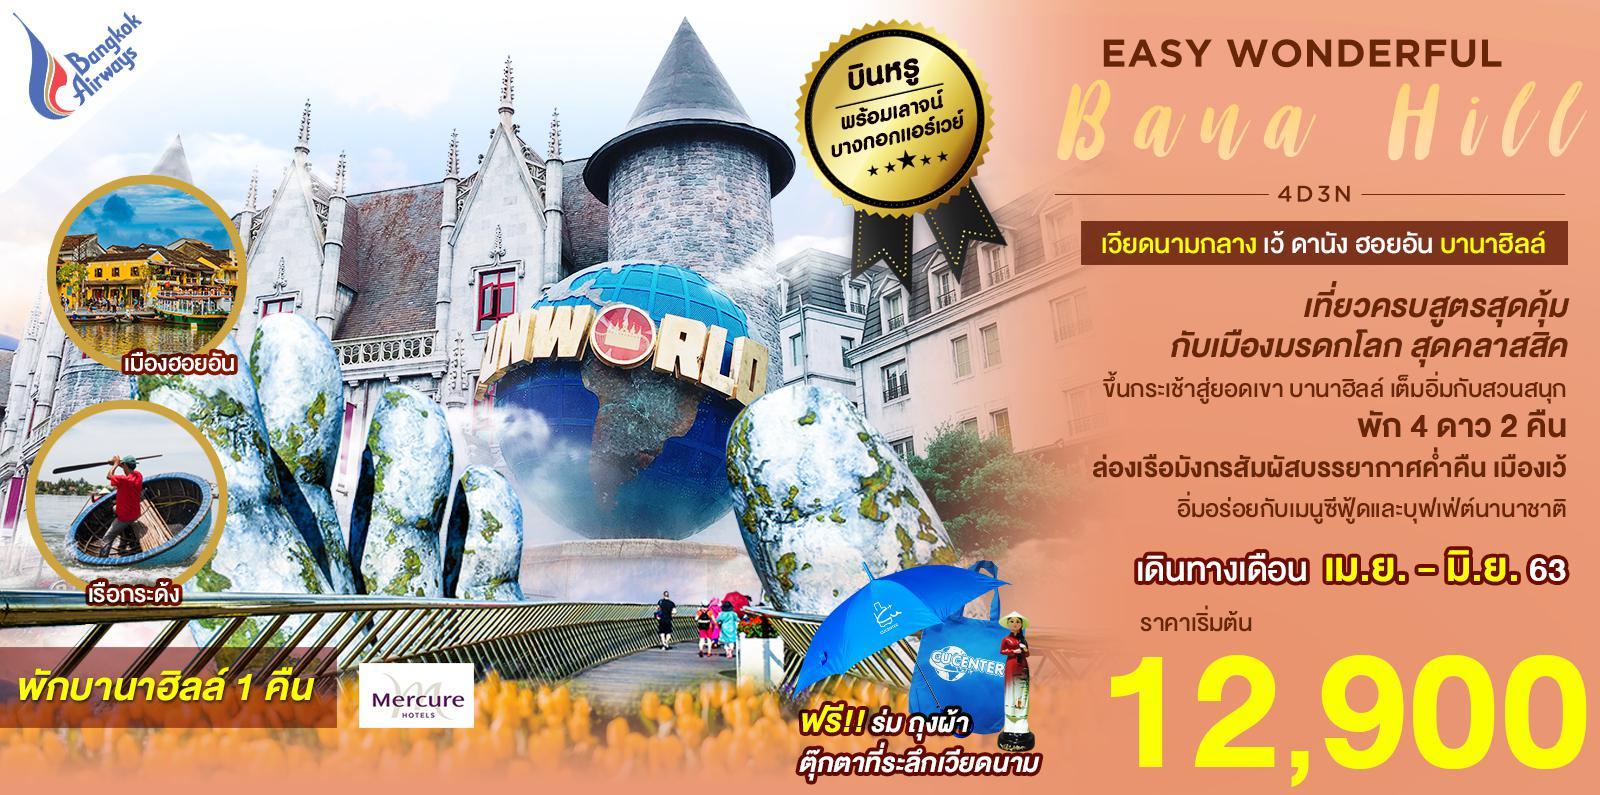 ทัวร์เวียดนาม-EASY-WONDERFUL-BANAHILL-4D3N-(APR-JUN'20)